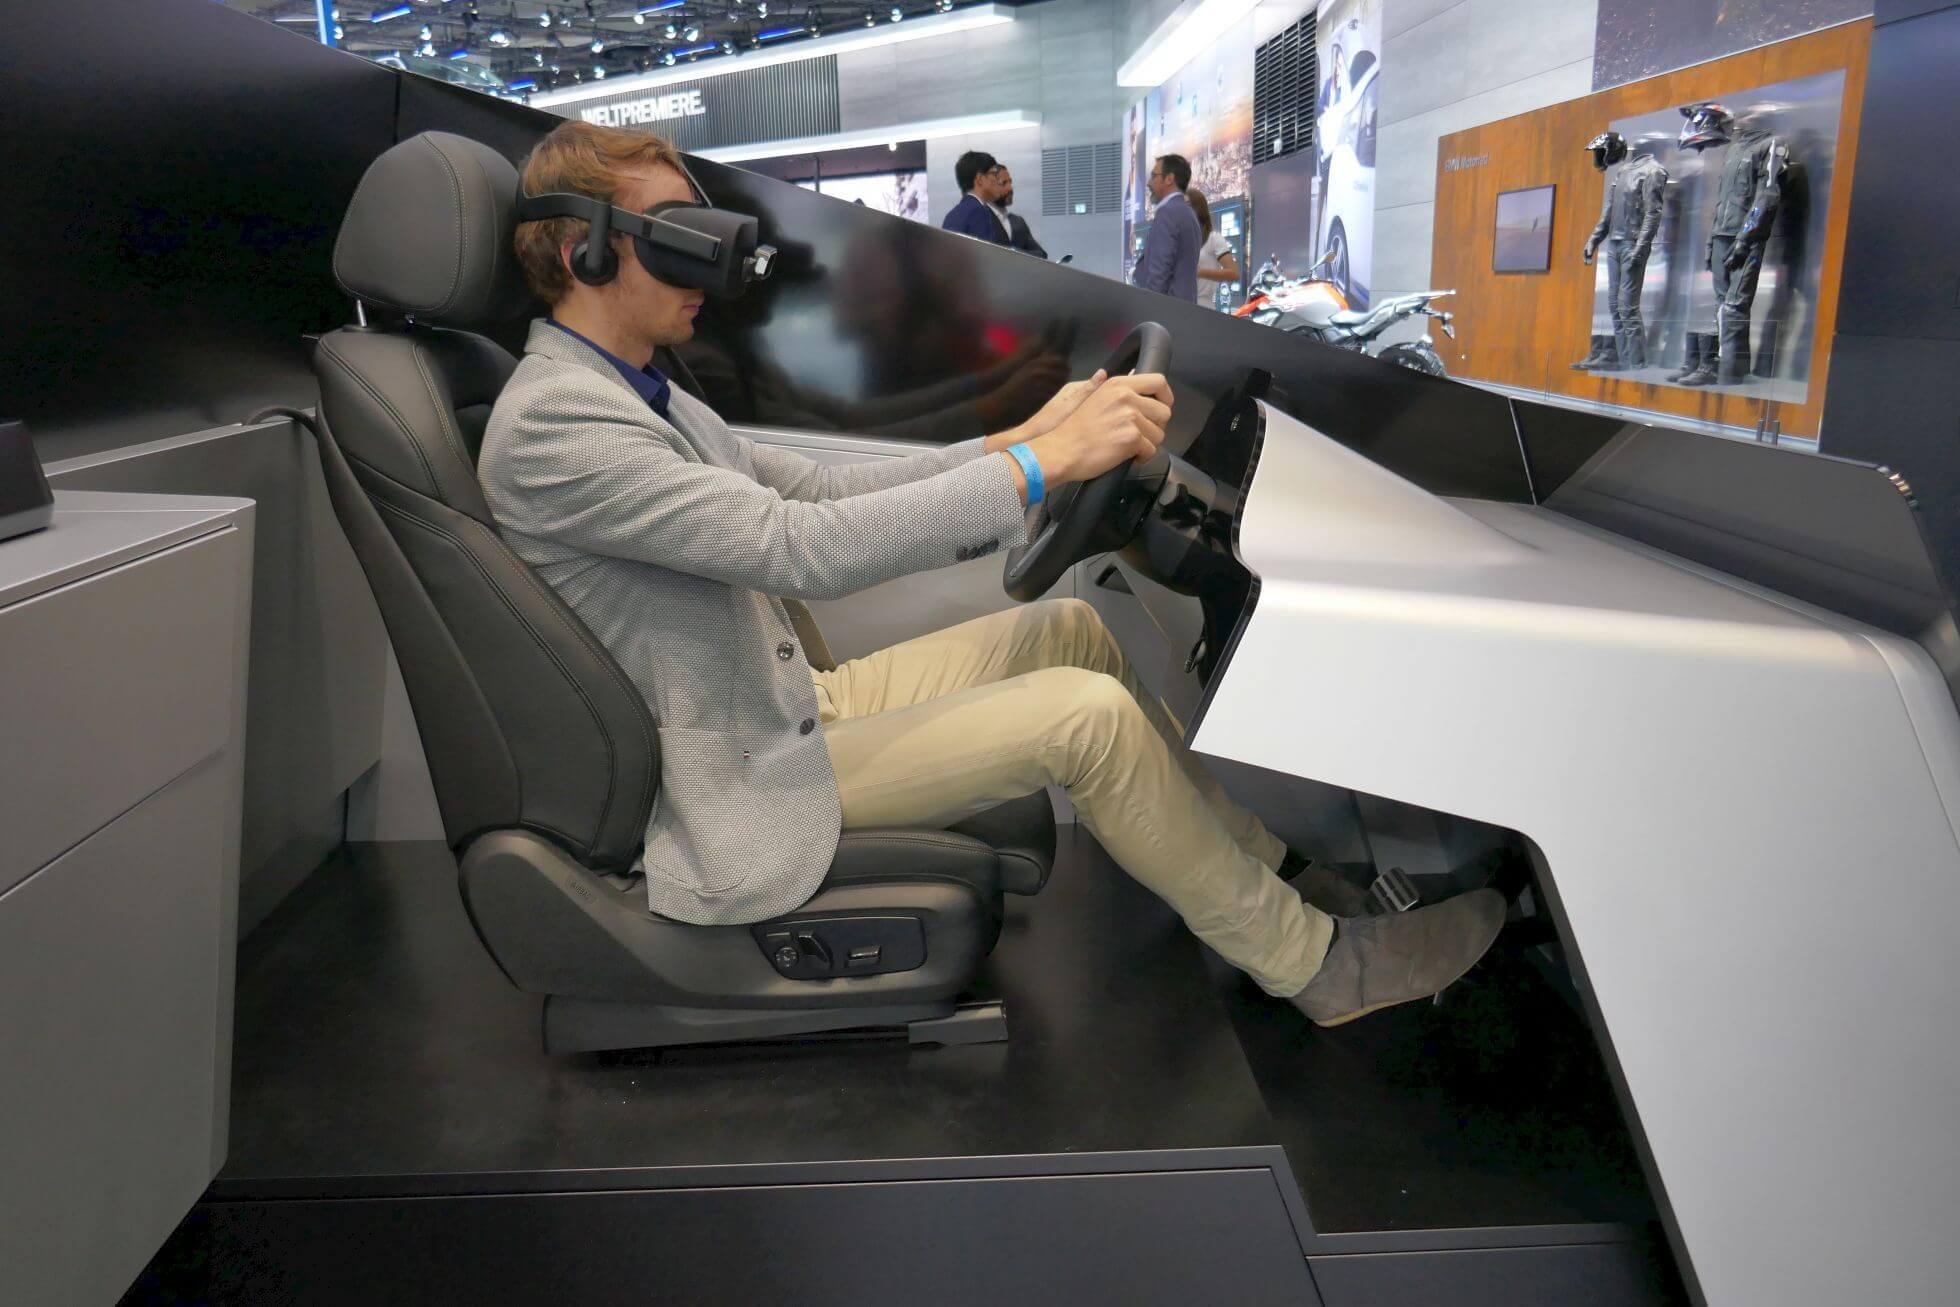 Beim BMW-VR-Simulator ist alles elektrisch bzw. virtuell einstellbar und bietet Leap Motion Handtracking.